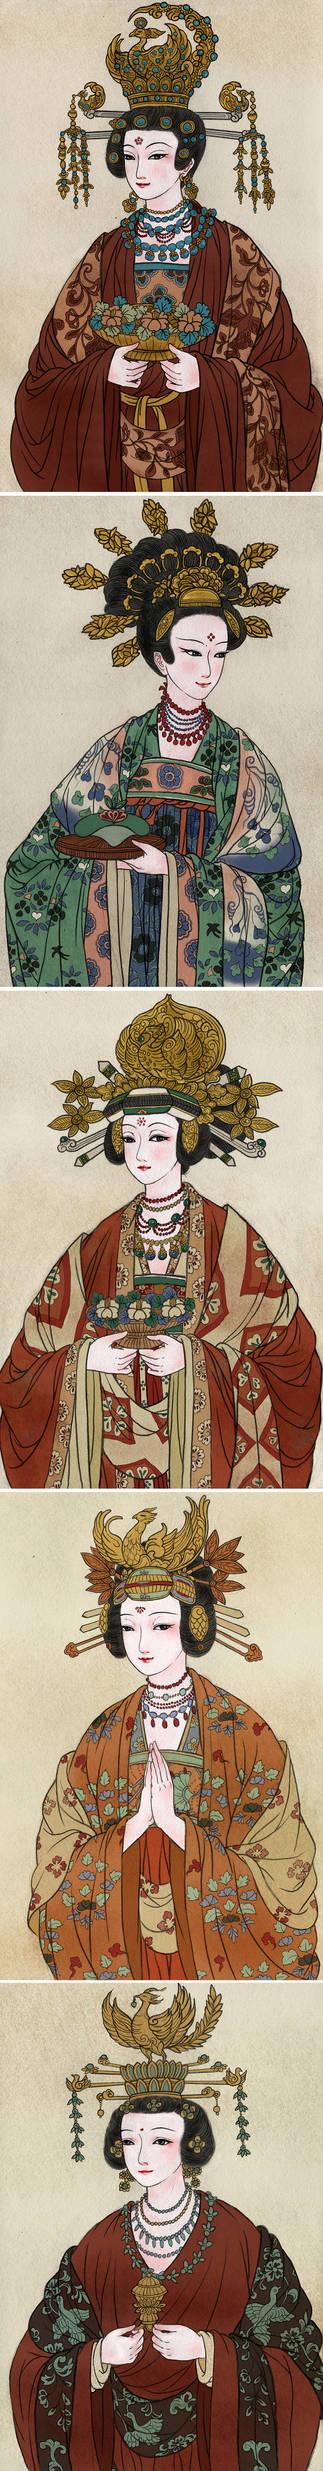 Gong Yang Ren